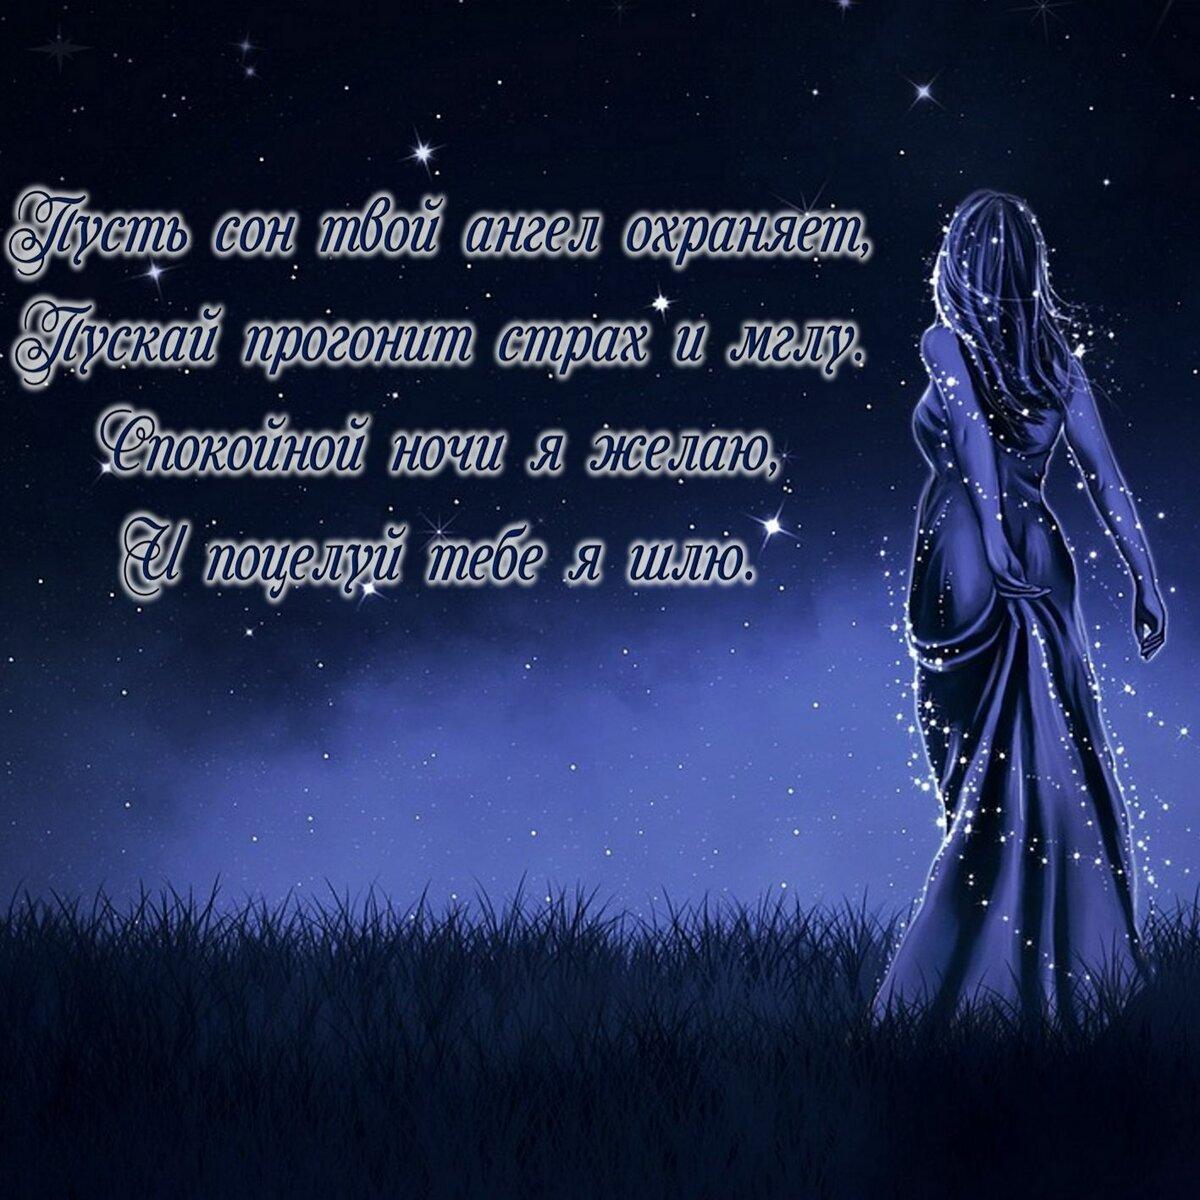 Открытки на ночь любимой